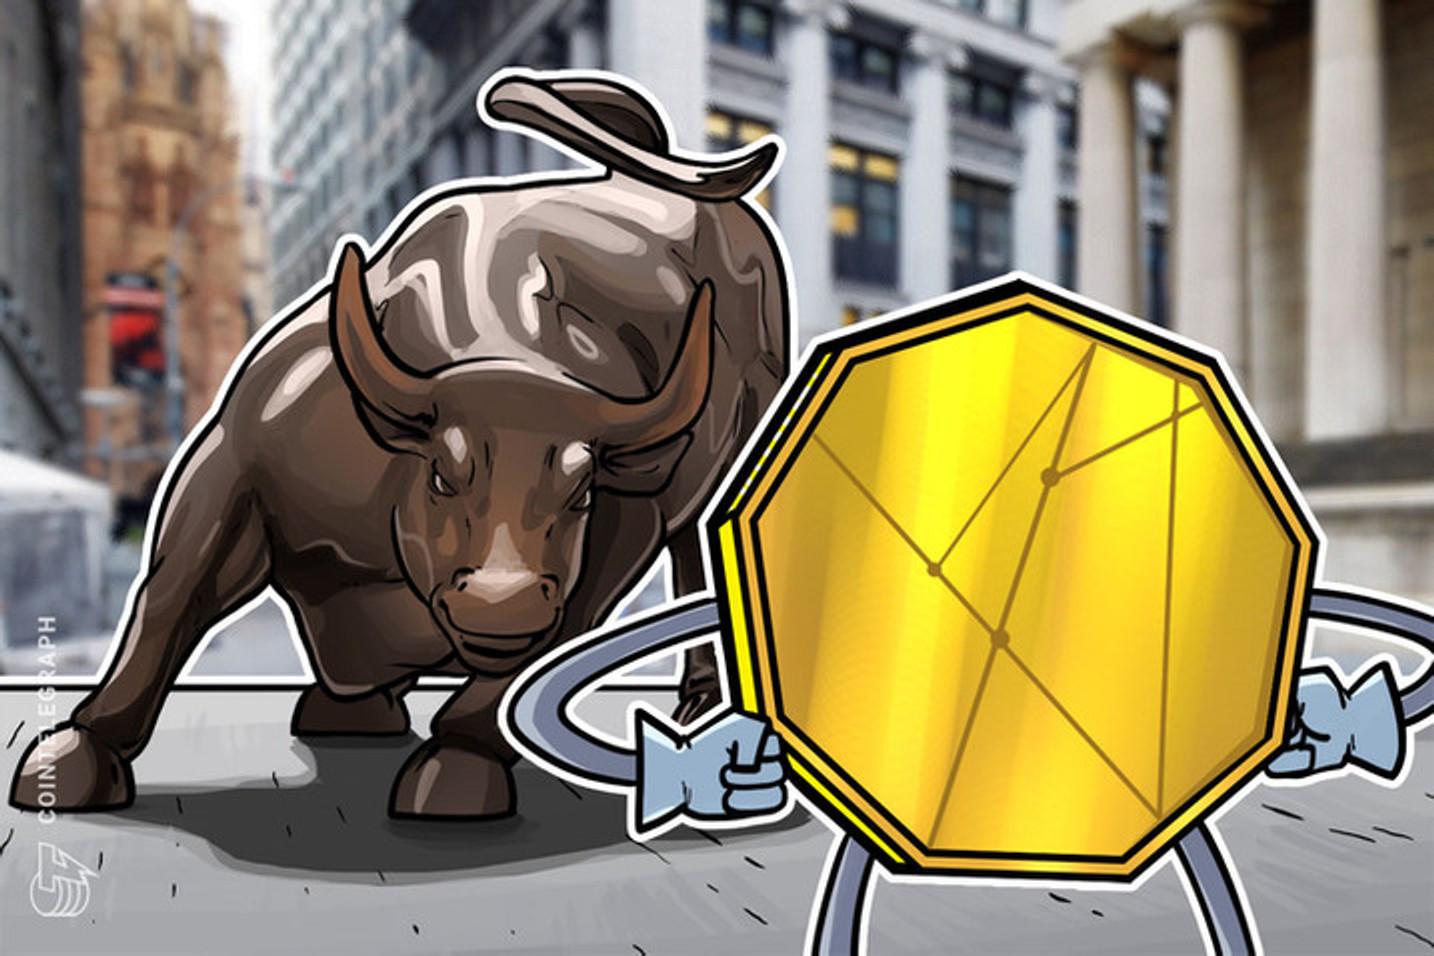 'Bitcoin valeria US$ 1 trilhão  se as pessoas soubessem o poder da criptomoeda', diz CEO da Kraken